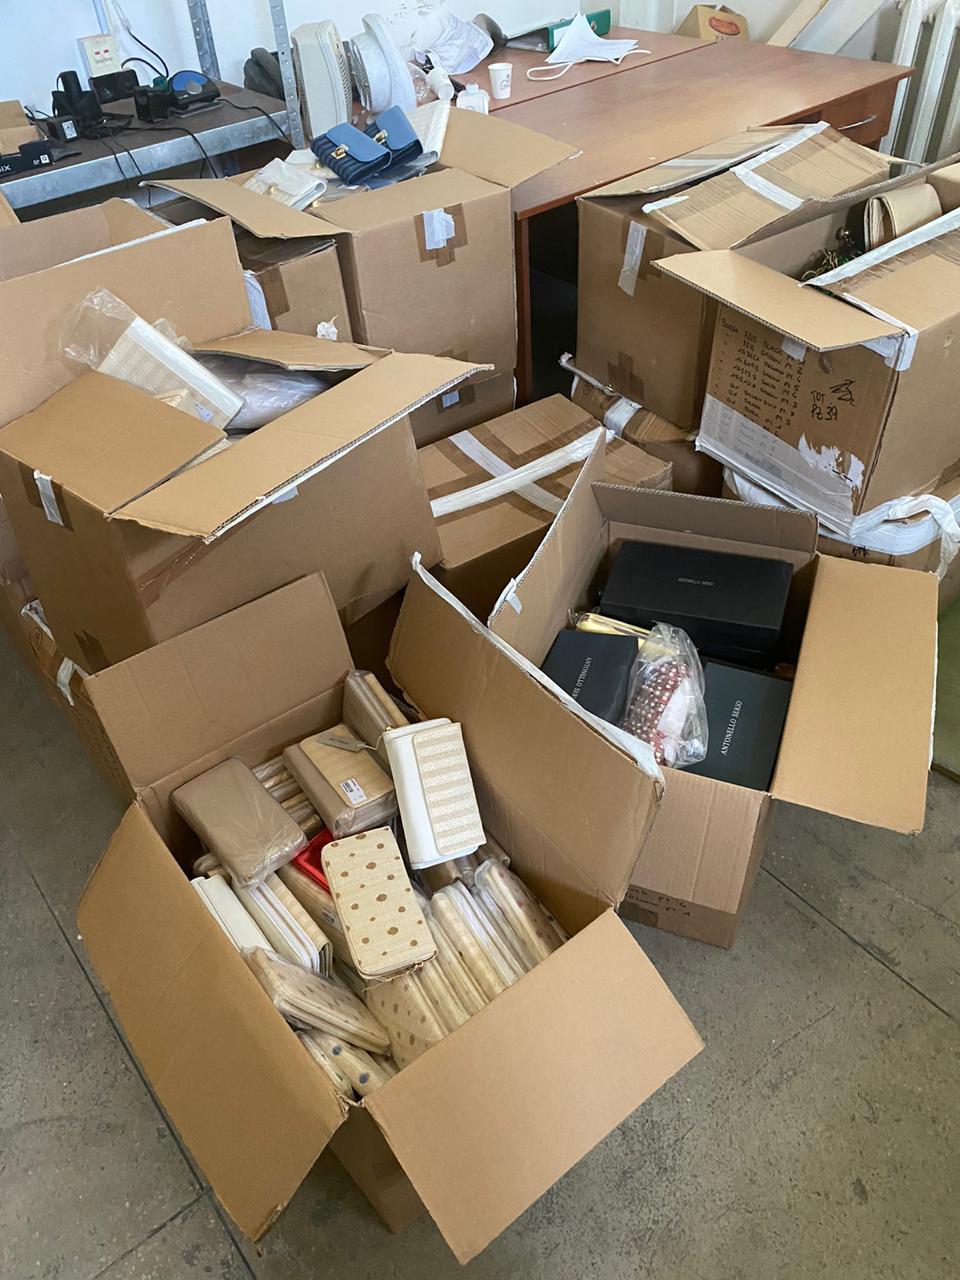 Водій вантажівки намагався приховати від закарпатських митників 15 коробок з сумками і гаманцям